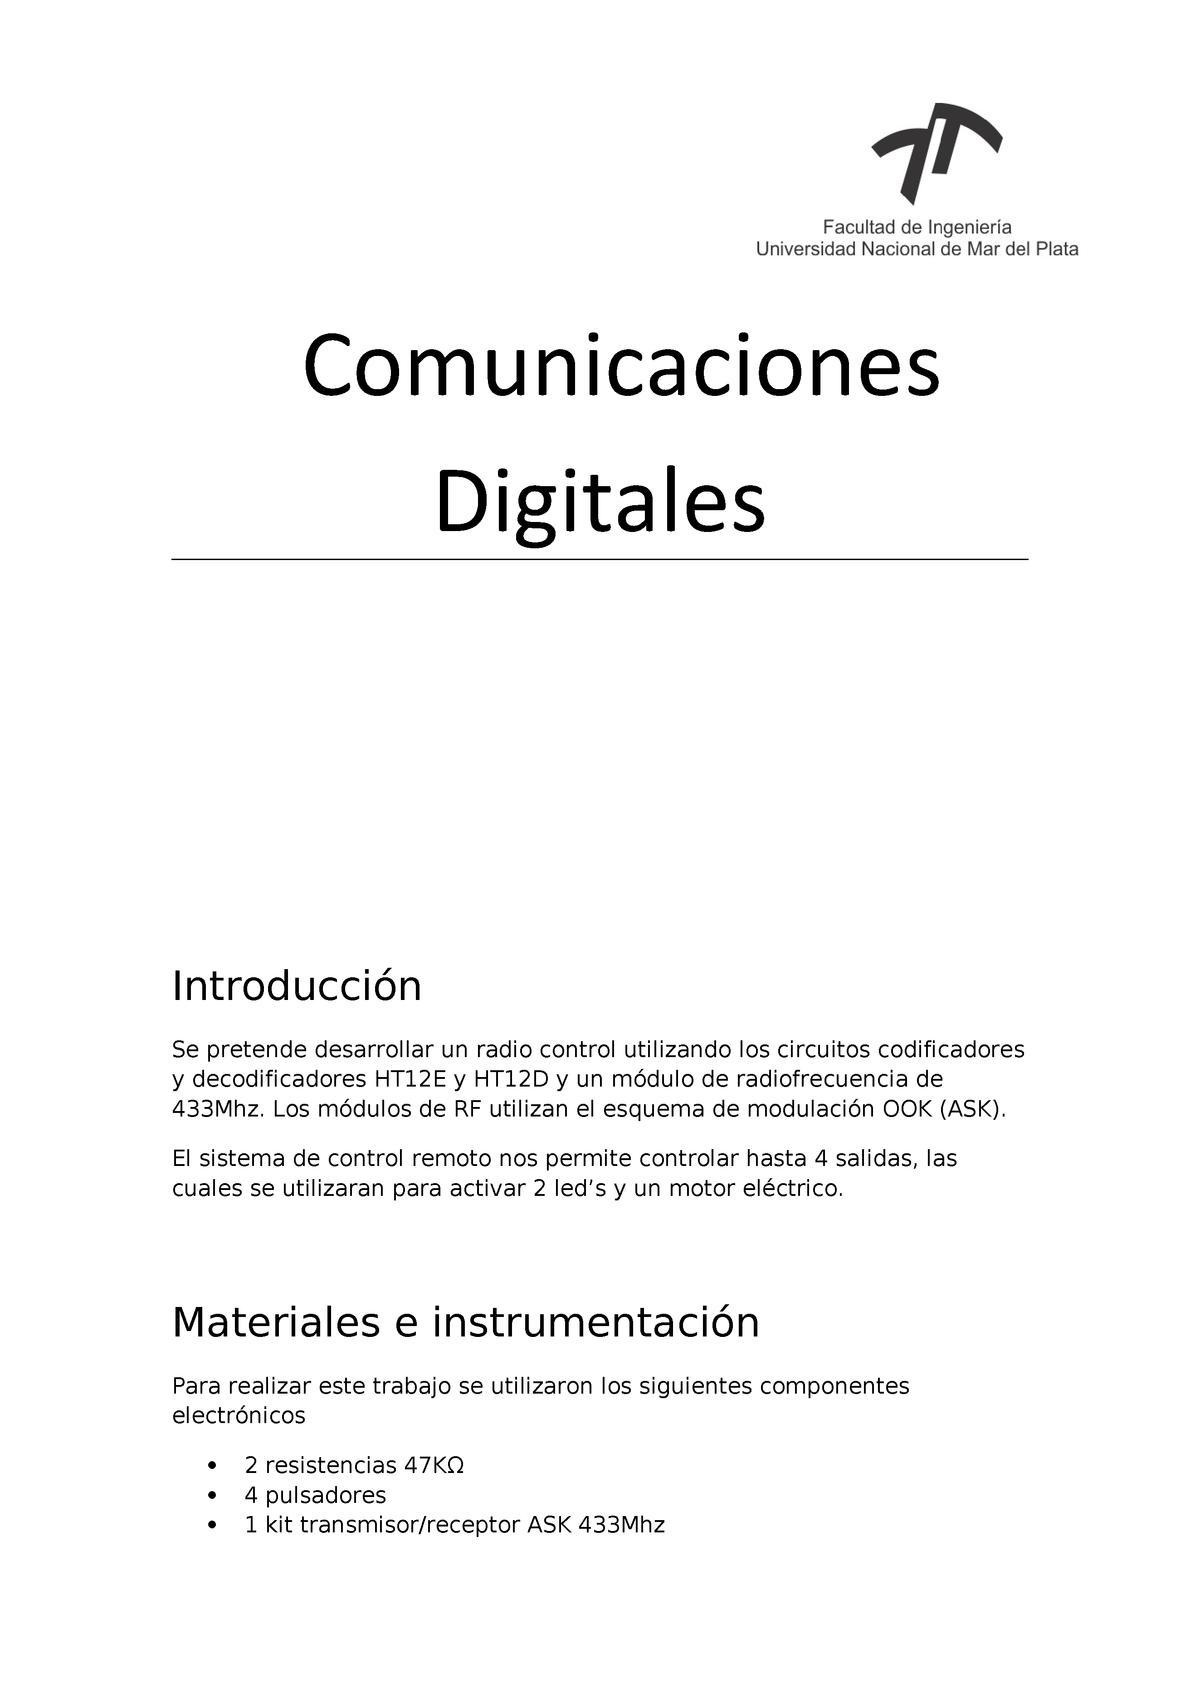 Informe 2015 Nota 9 Comunicaciones Digitales 4c5 Studocu